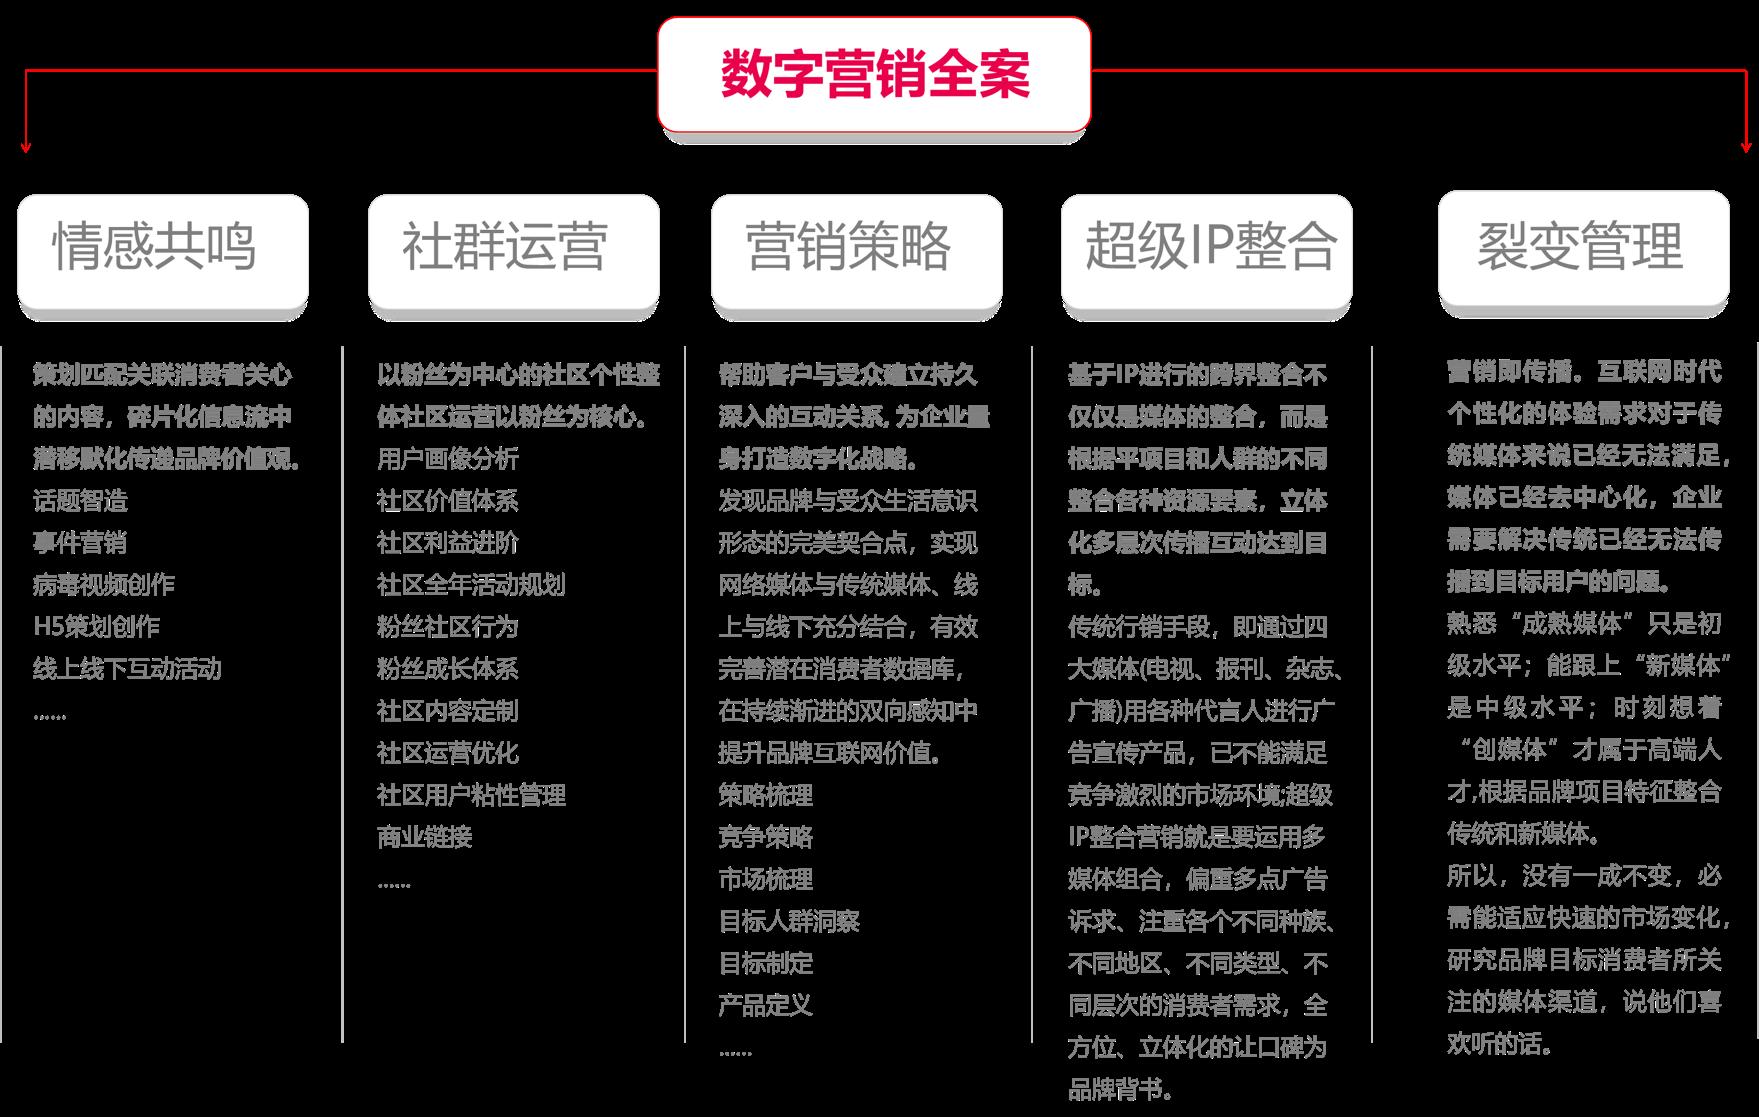 全网整合营销&数字化品牌服务标准